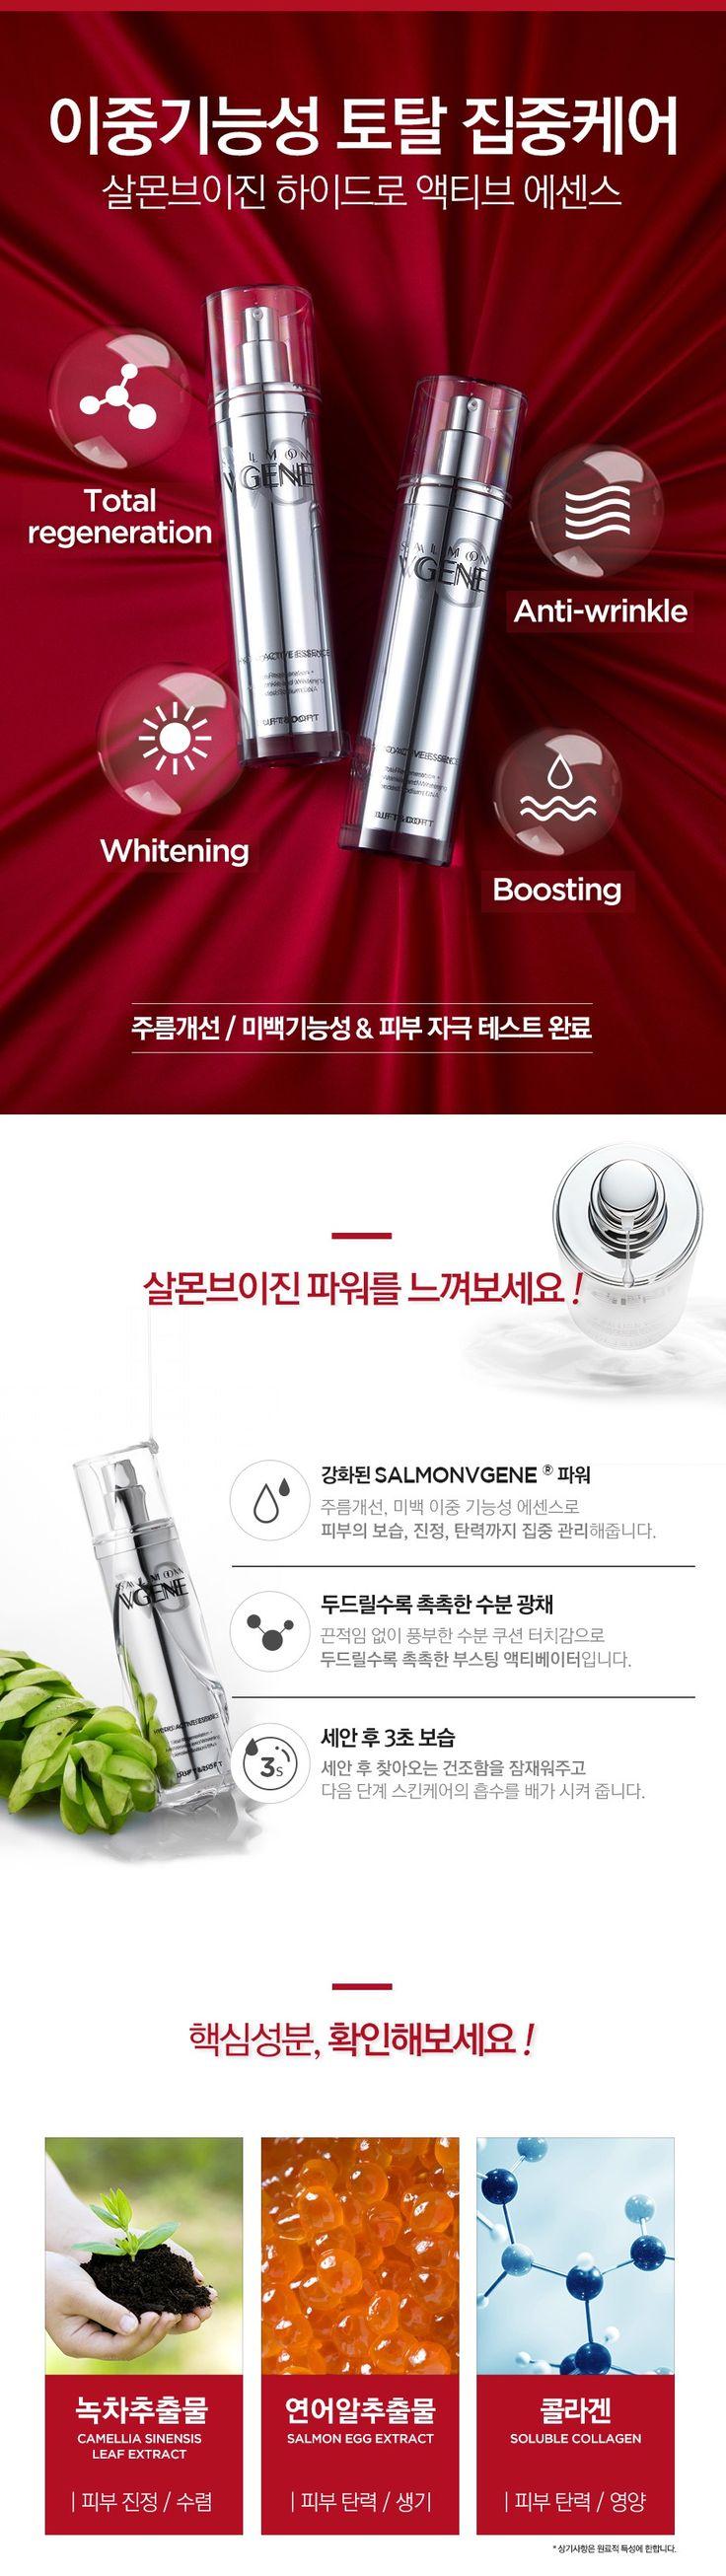 DUFT&DOFT Salmonvgene Lachsrogen & DNA Serum - Luxusskincare-Shop f. hochwertige asiatische Kosmetik & Pflegeprodukte